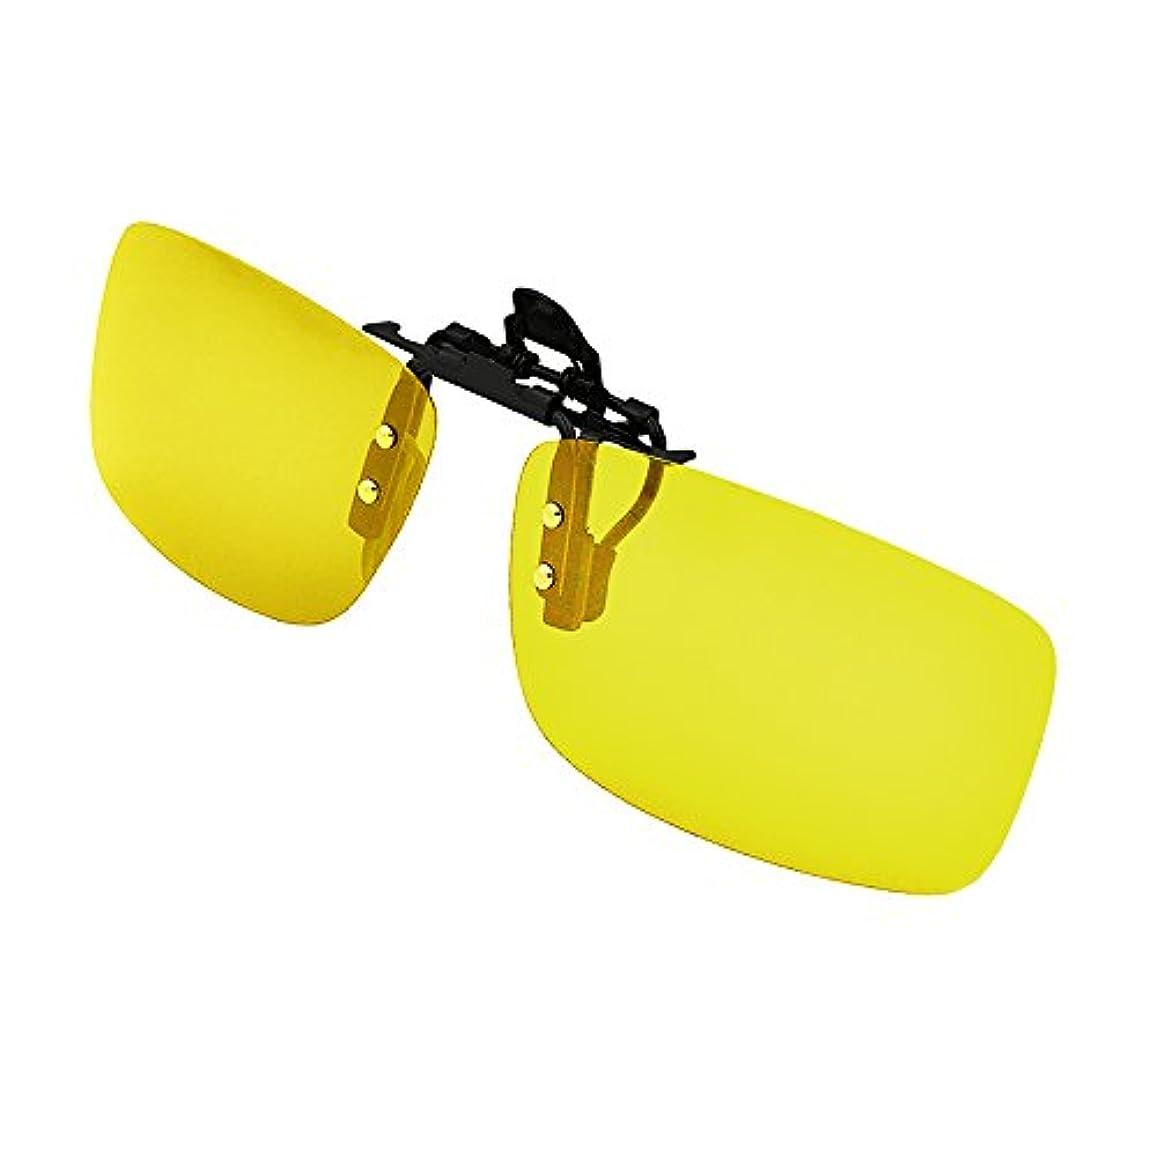 絶妙ポップ参加者サングラス,RedCloud クリップオン UV400サングラス 前掛け偏光レンズ メガネにつける イェロー